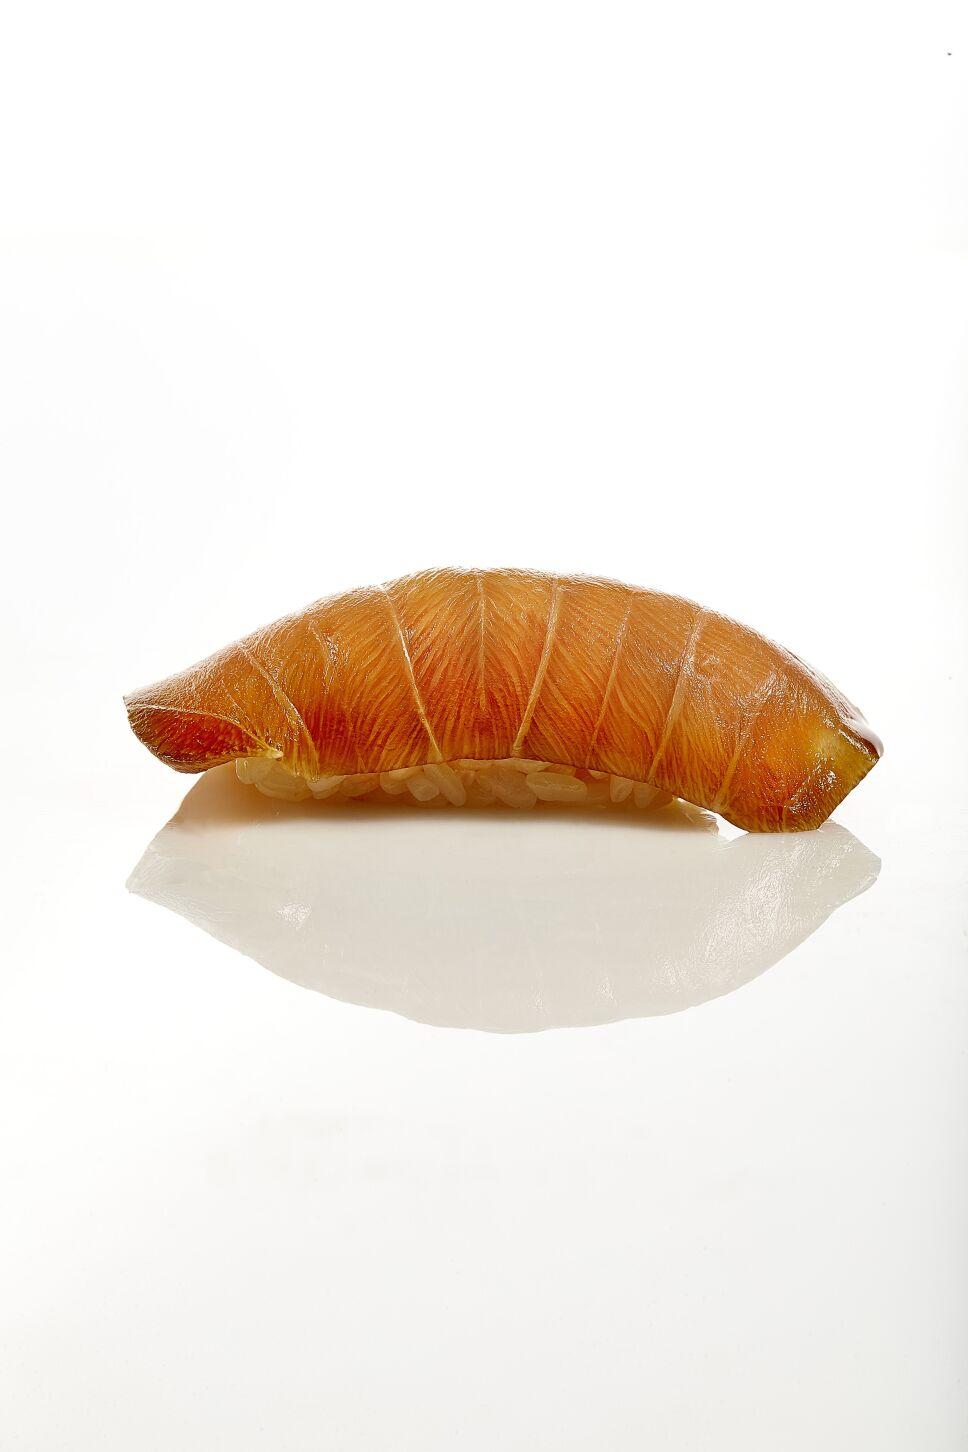 Plato Tecnica japonesa de maduracion de los pescados.jpg